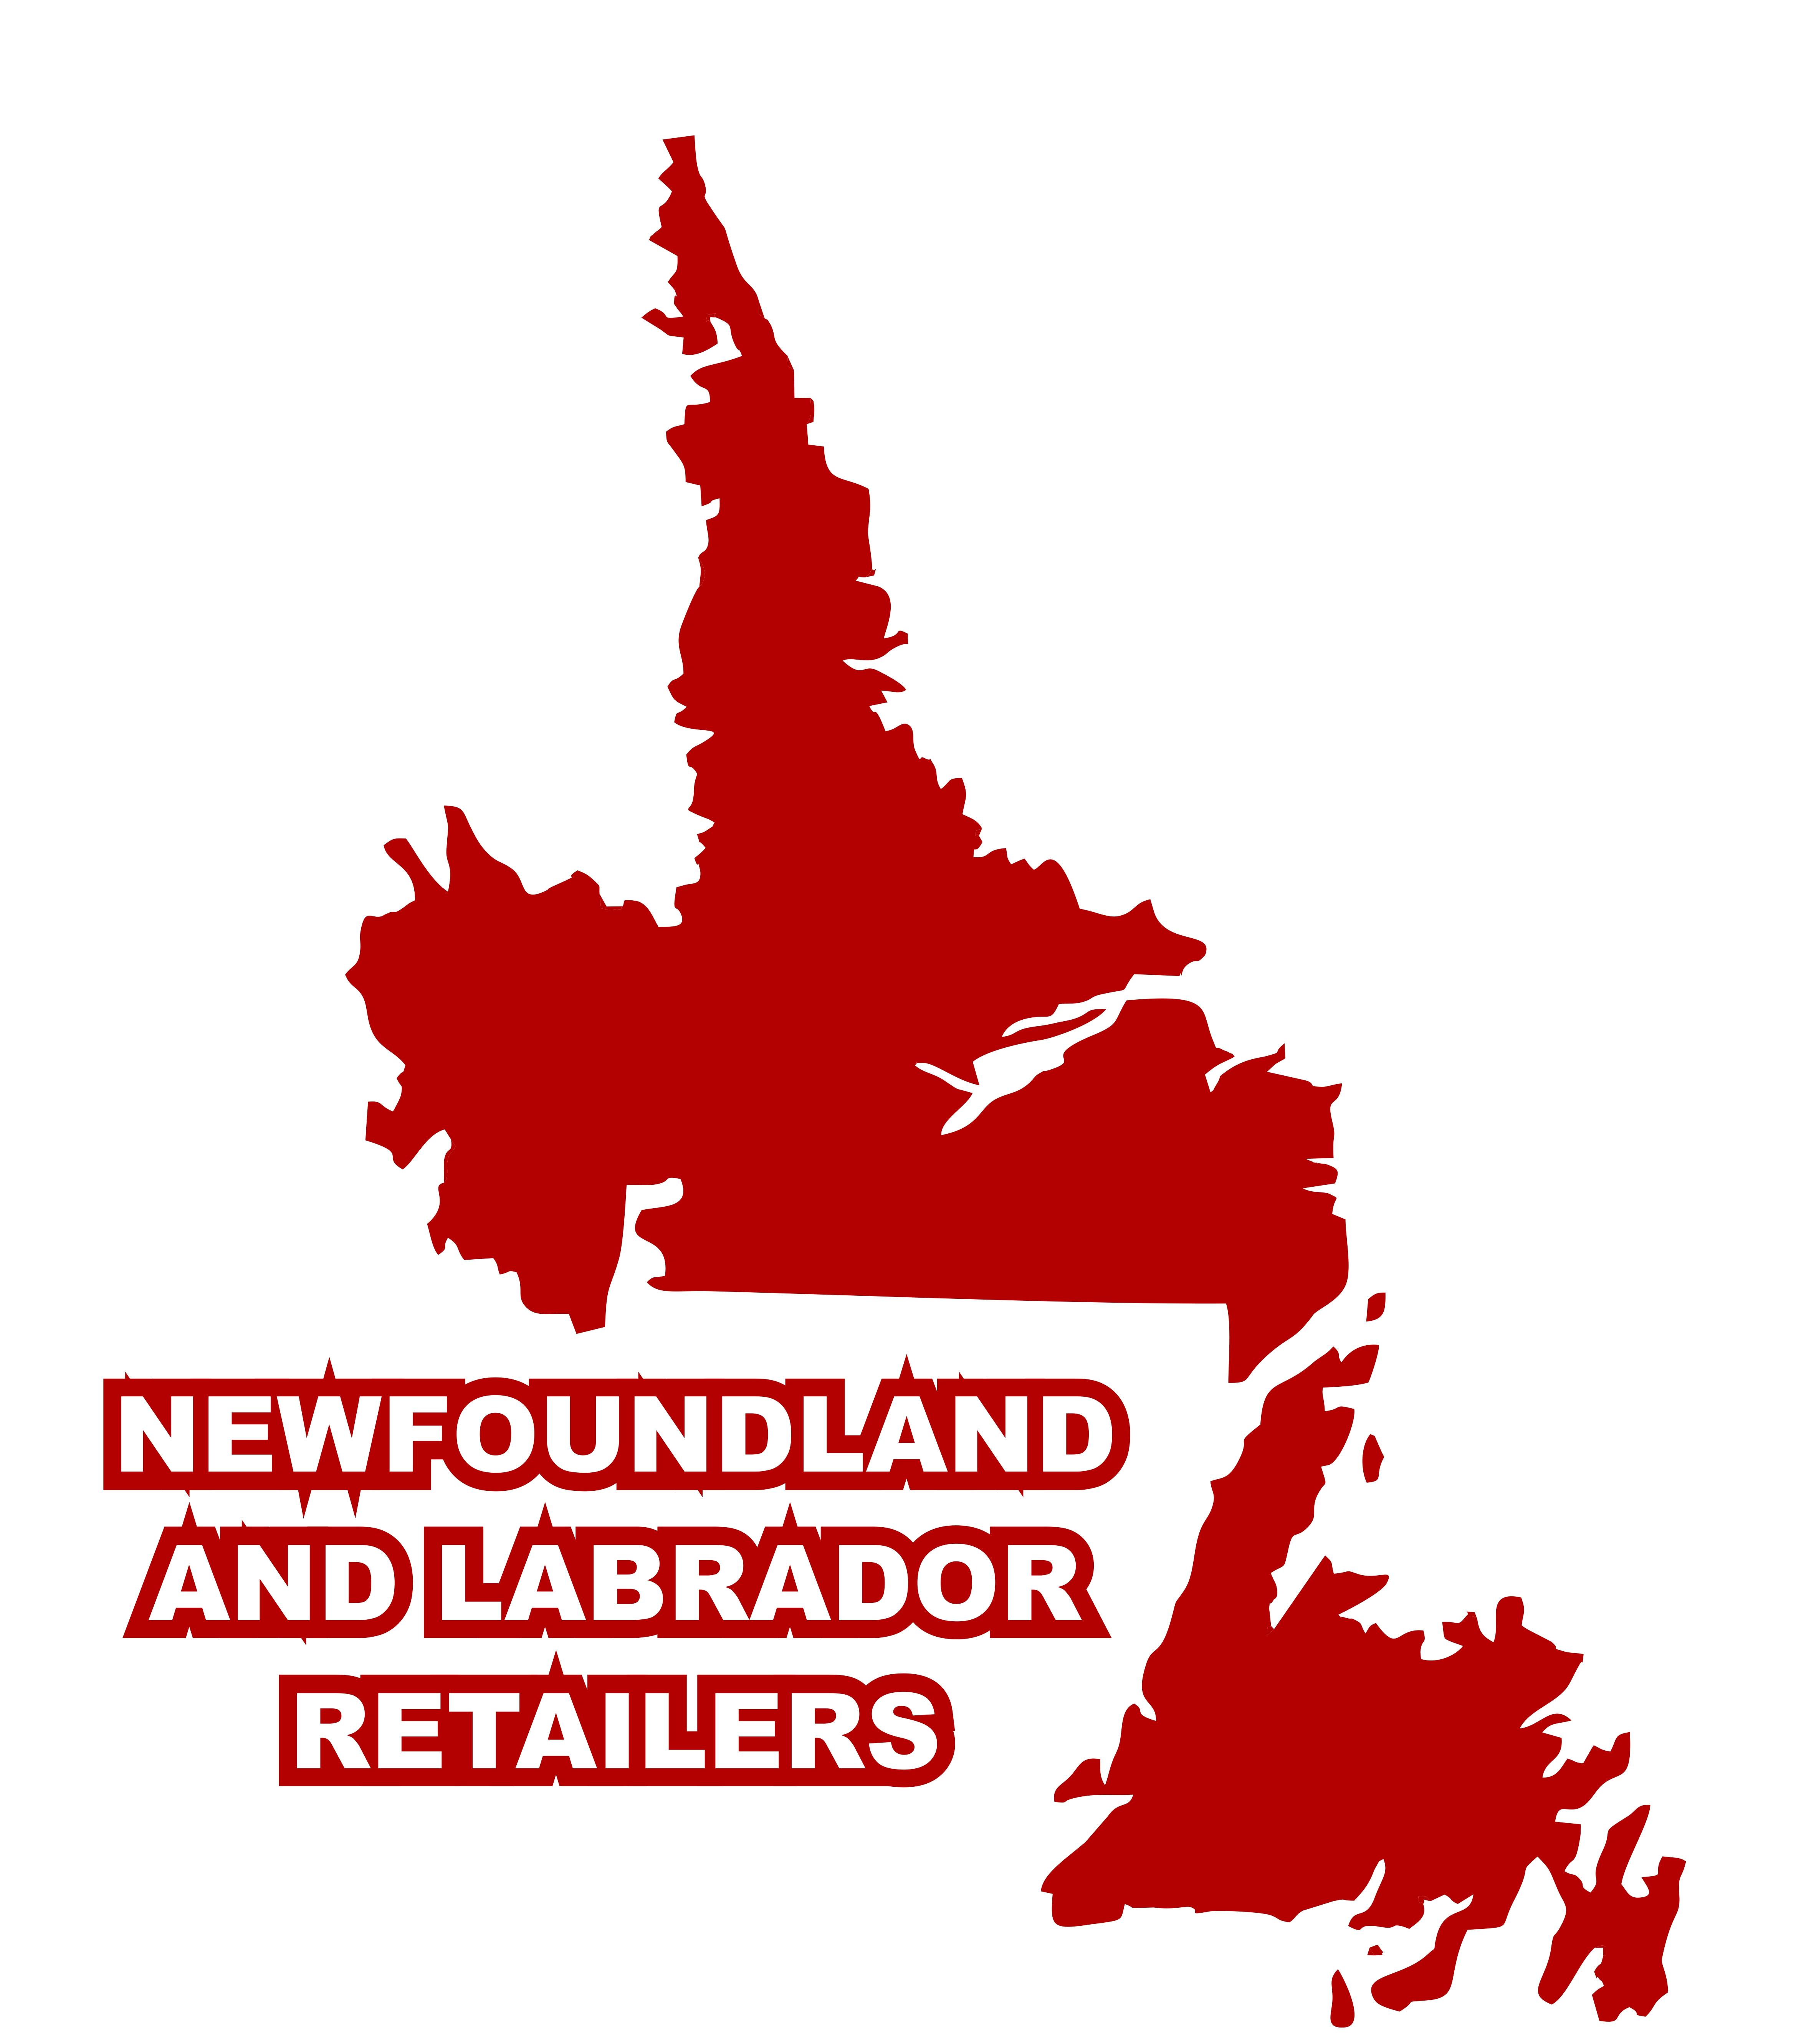 newfoundland-labrador-retailers.jpg